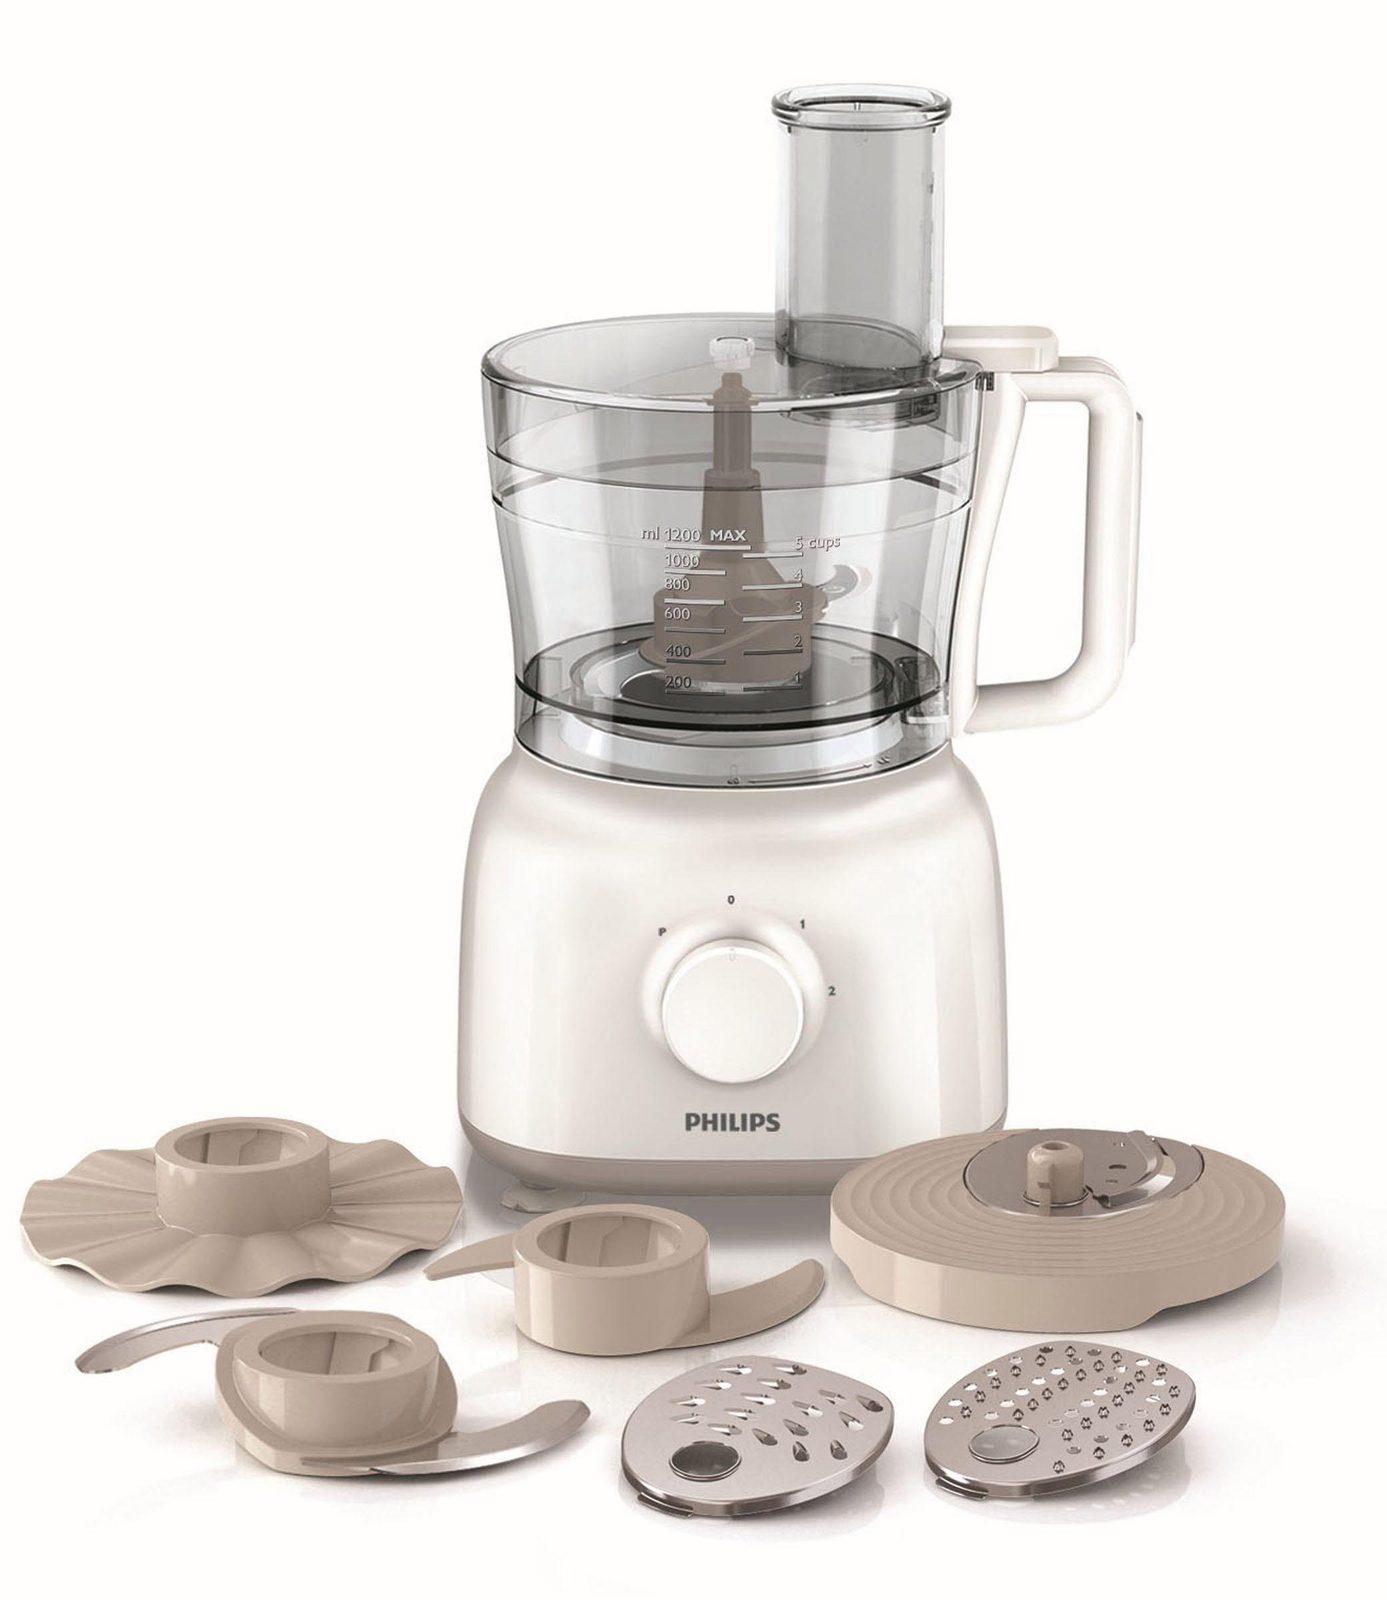 Philips Küchenmaschine HR7627/02 inkl. Knethaken, 650 Watt, 2 Geschwindigkeiten, weiß/beige - broschei